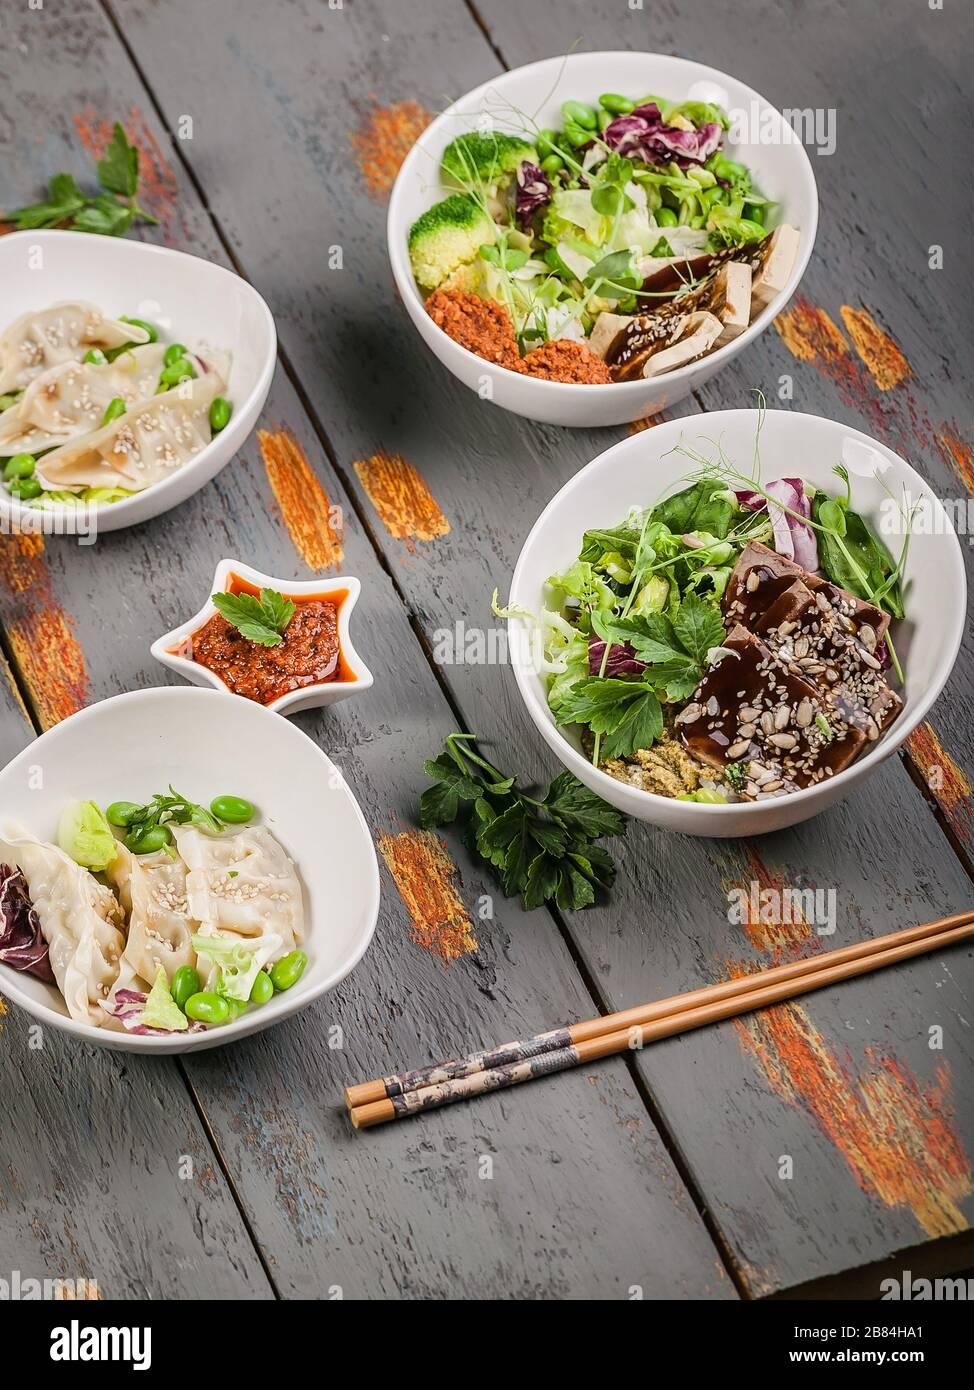 Gnocchi di gyozu tradizionali a colpo verticale, verdure bollite con riso, maiale e salsa piccante. Cucina orientale Foto Stock